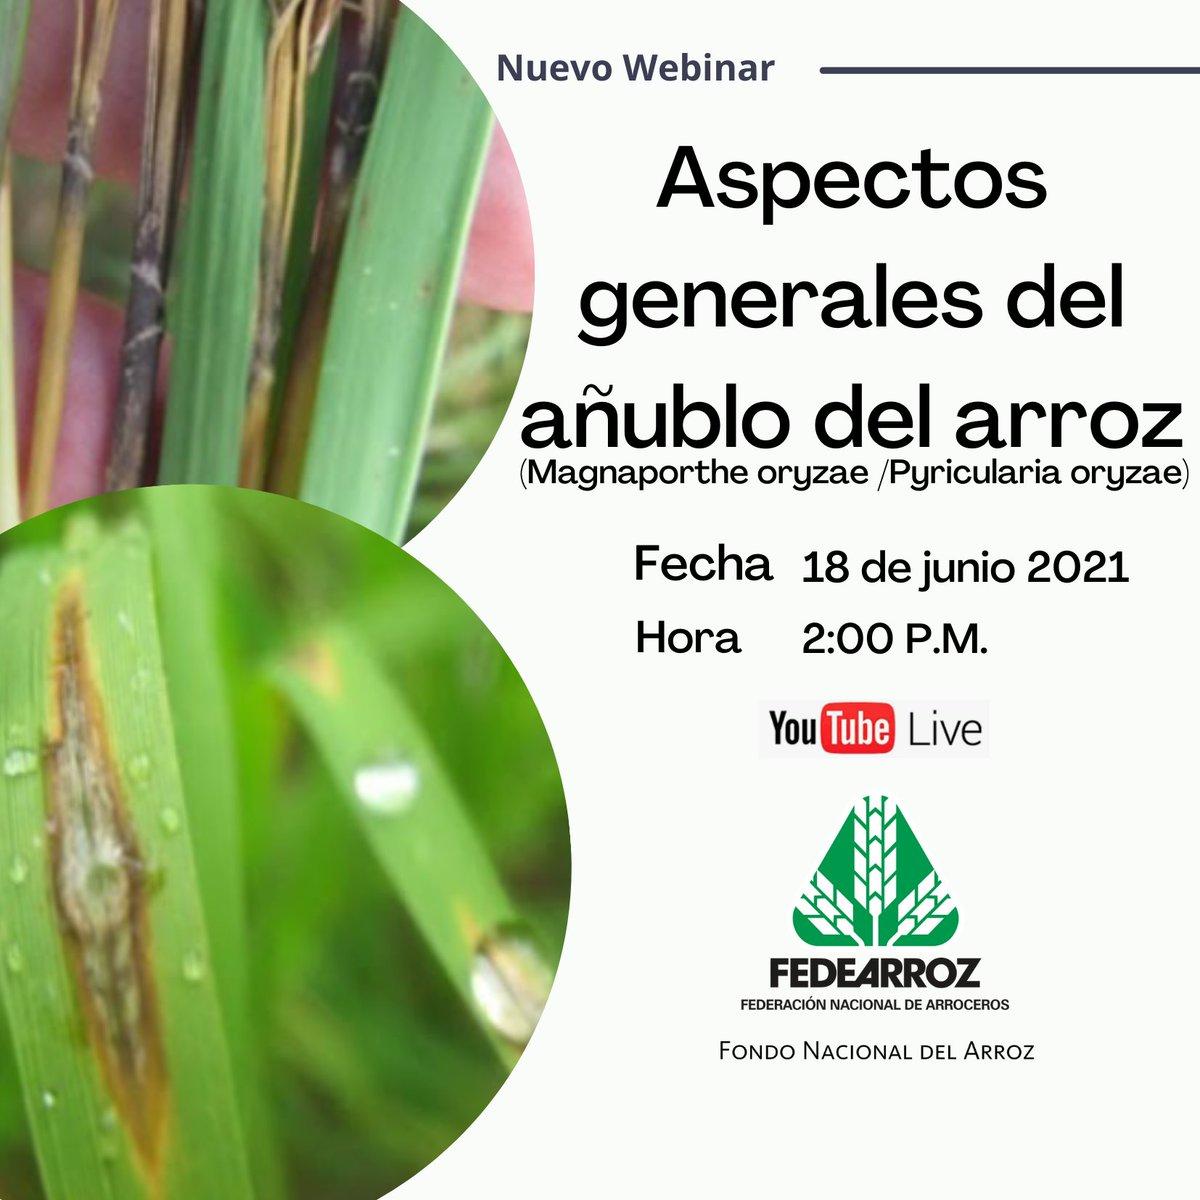 """test Twitter Media - Fedearroz FNA realizará un nuevo webinar sobre el añublo del arroz, causado por """"Pyricularia oryzae"""". Esta enfermedad puede causar grandes pérdidas en la producción, tanto en arroz de riego como de secano.  Acompáñenos y aprenda como actuar: https://t.co/Pa3coiZaru https://t.co/EAhDC1JvwX"""